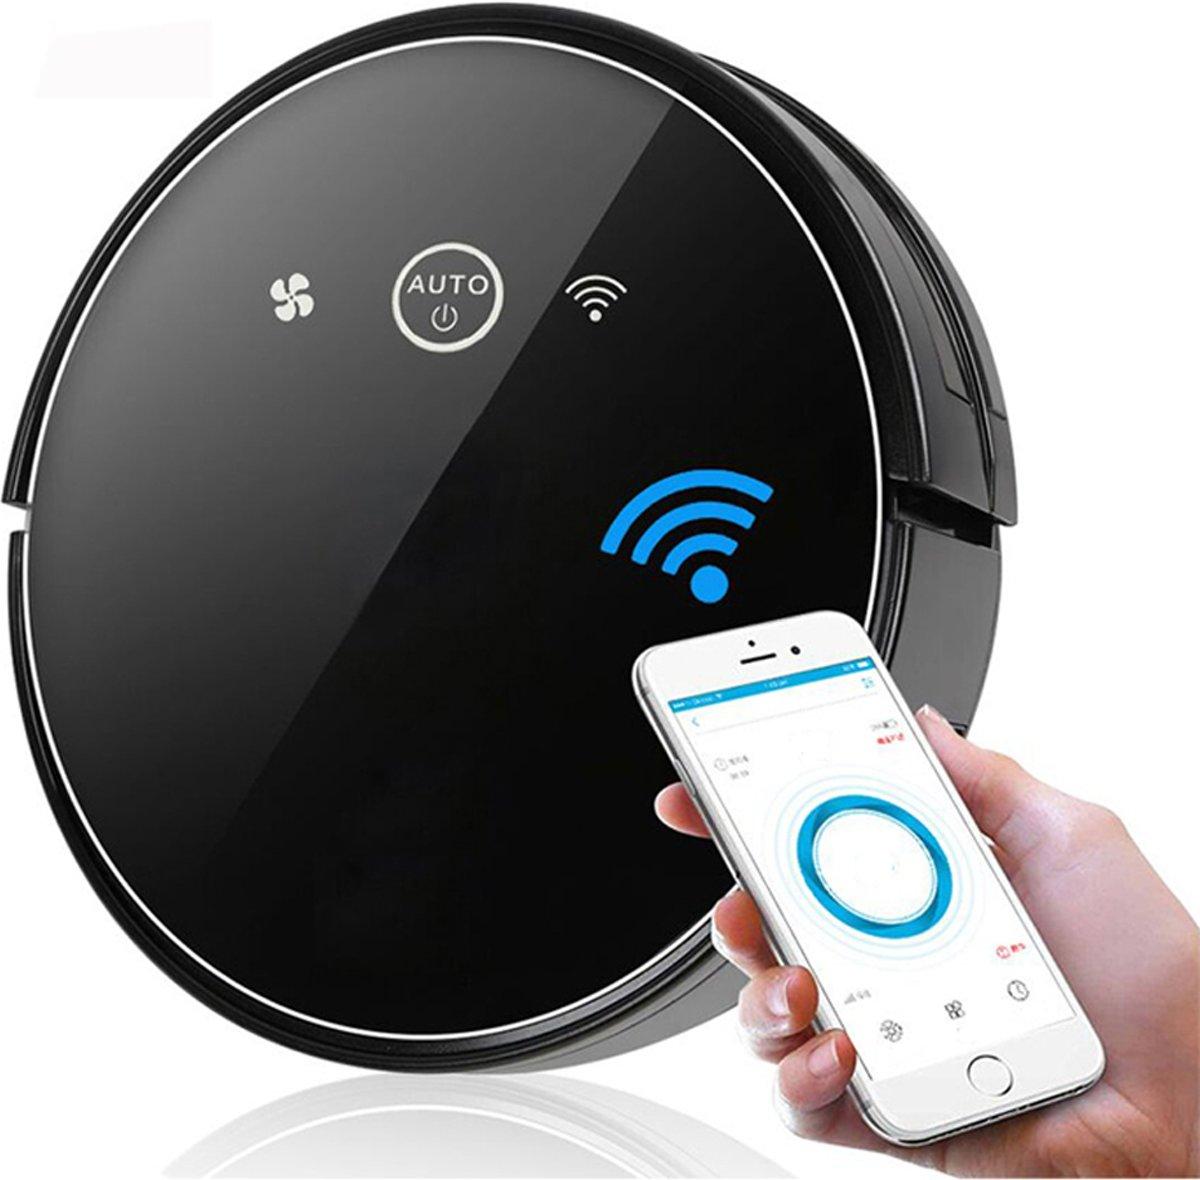 Looki X3 Slimme Robotstofzuiger met Dweilfunctie en App – WiFi en Afstandsbediening - Zwart kopen